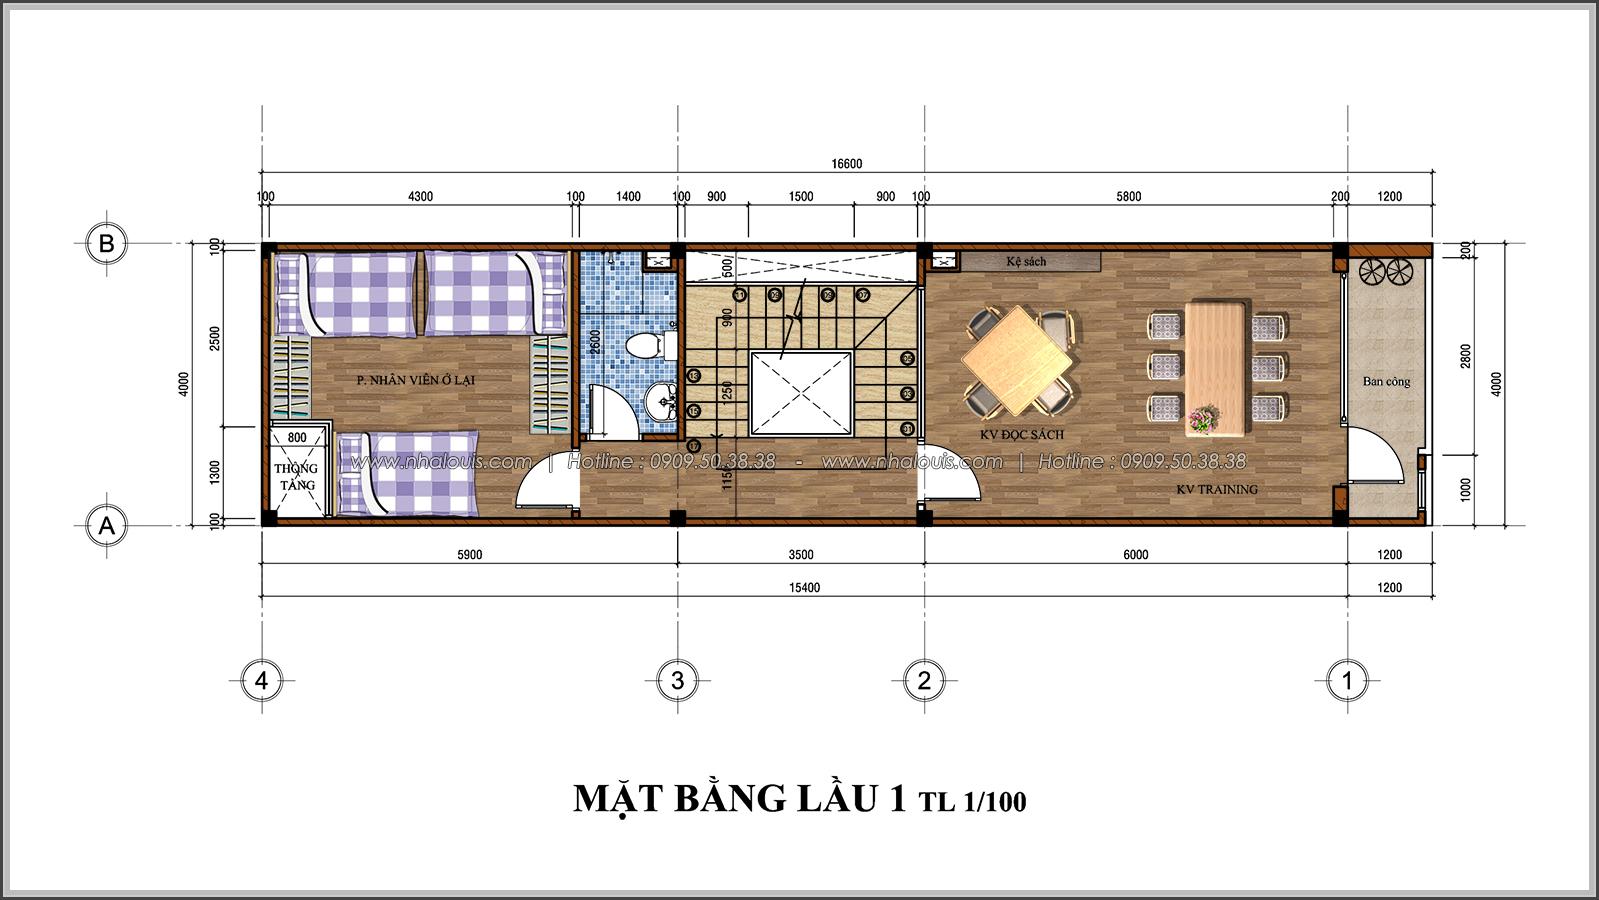 Thiết kế nhà đẹp 3 tầng chuẩn sang trọng tại Thủ Đức - 05